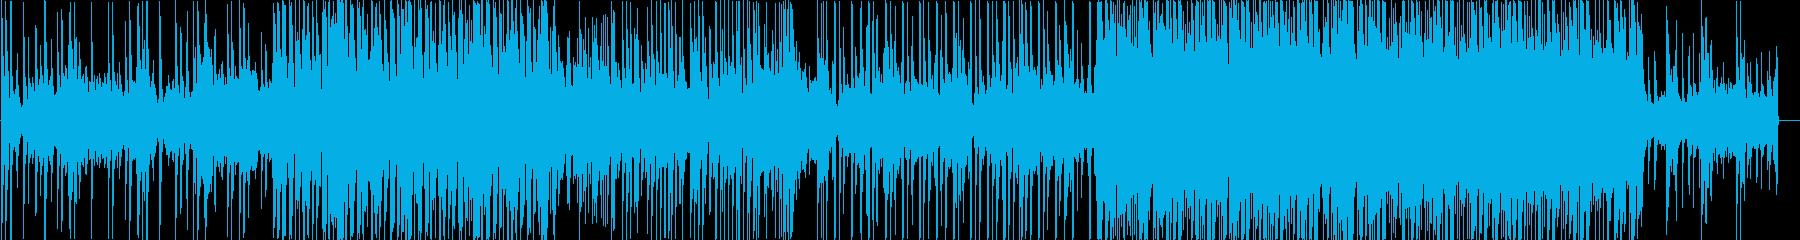 三味線、和風、エレクトロ、凛、モダン2の再生済みの波形